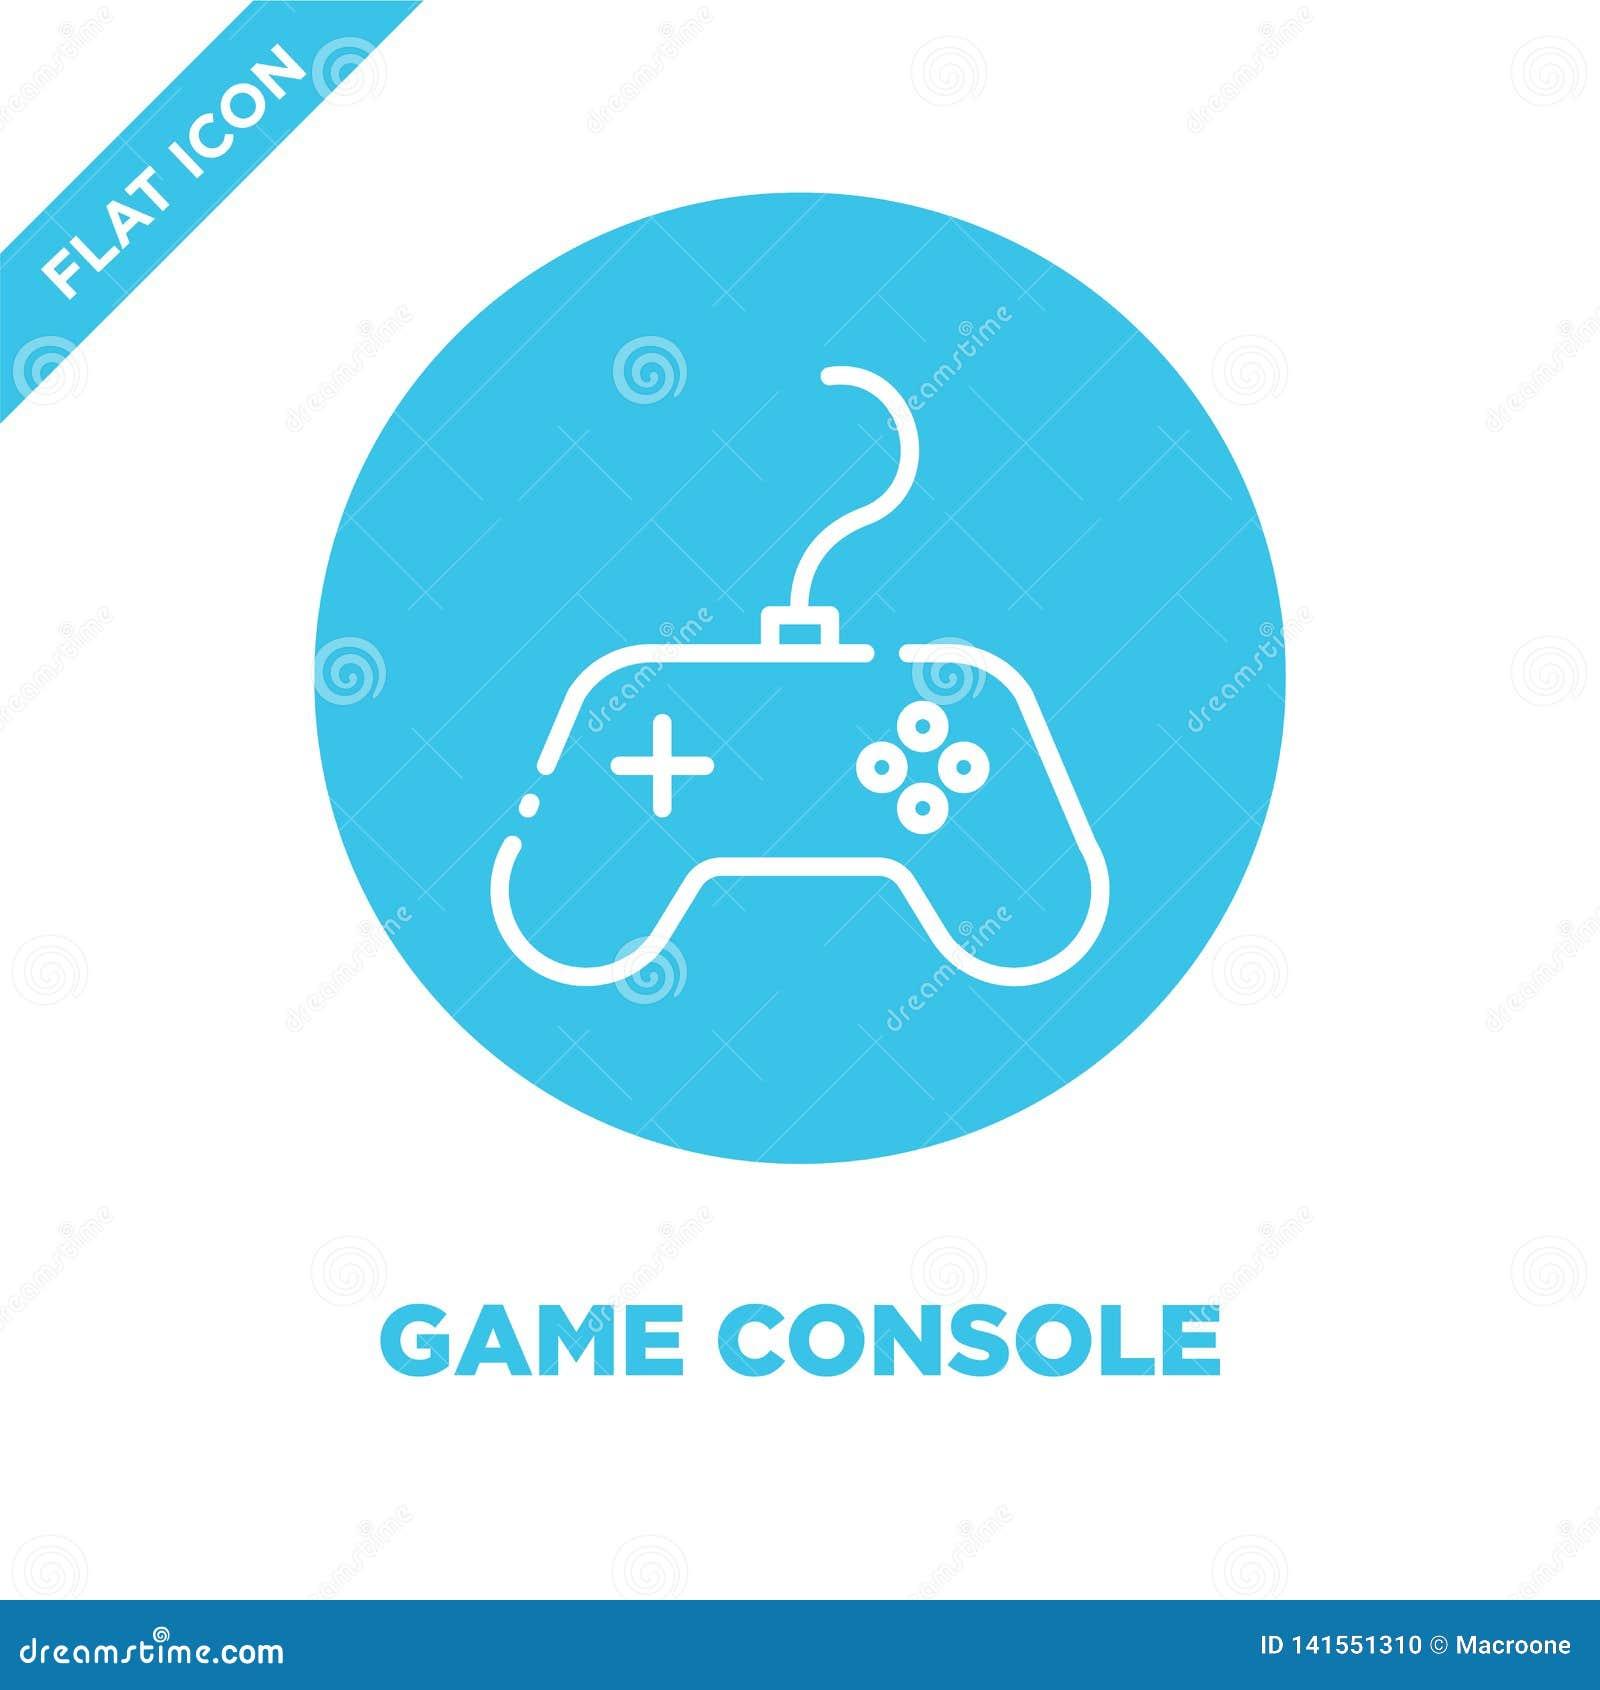 Vetor do ícone do console do jogo Linha fina ilustração do vetor do ícone do esboço do console do jogo símbolo do console do jogo